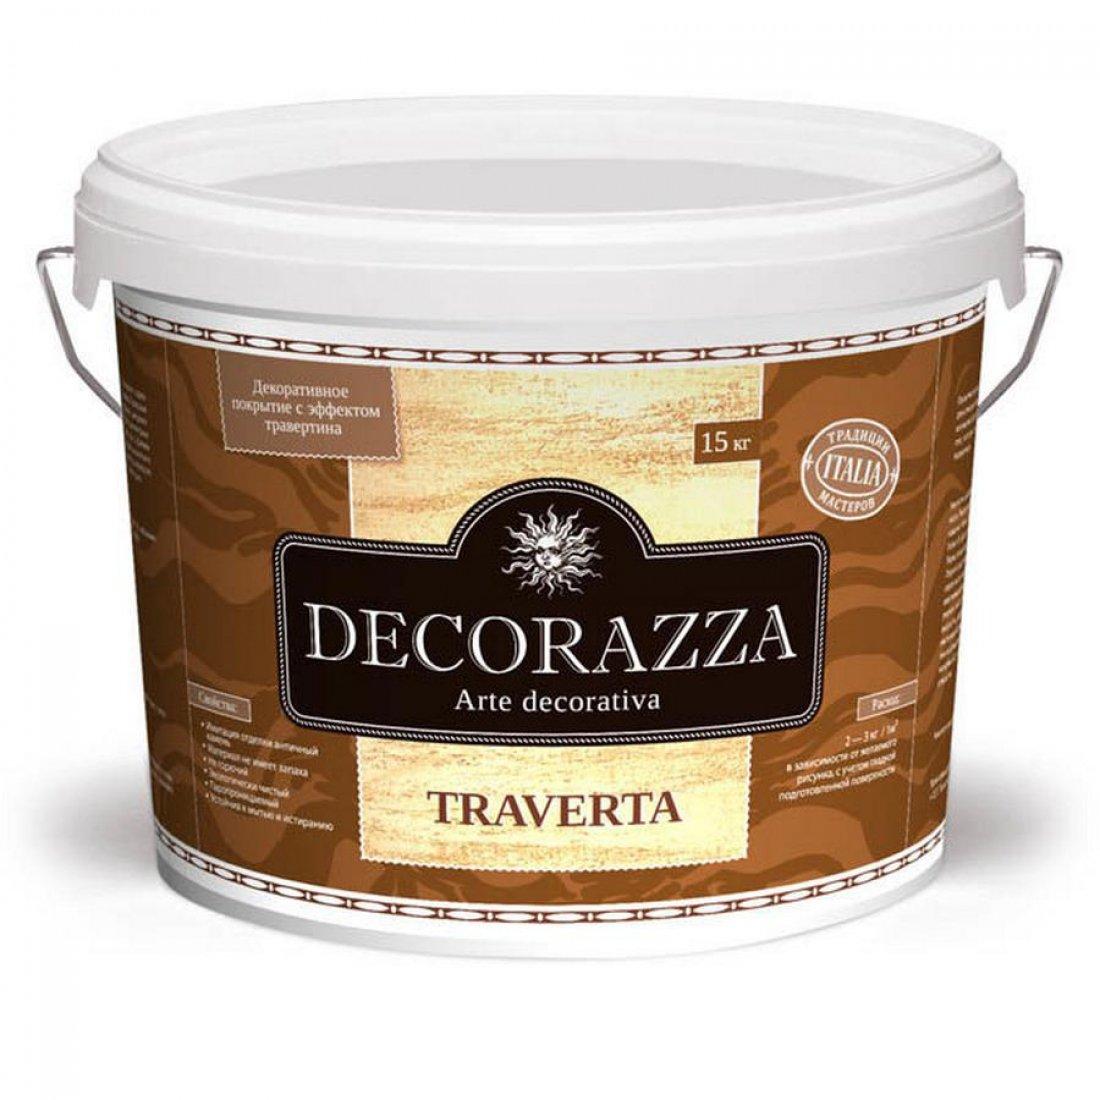 Декоративное покрытие Decorazza TRAVERTA (ТРАВЕРТА) 15кг с эффектом натурального камня травертина